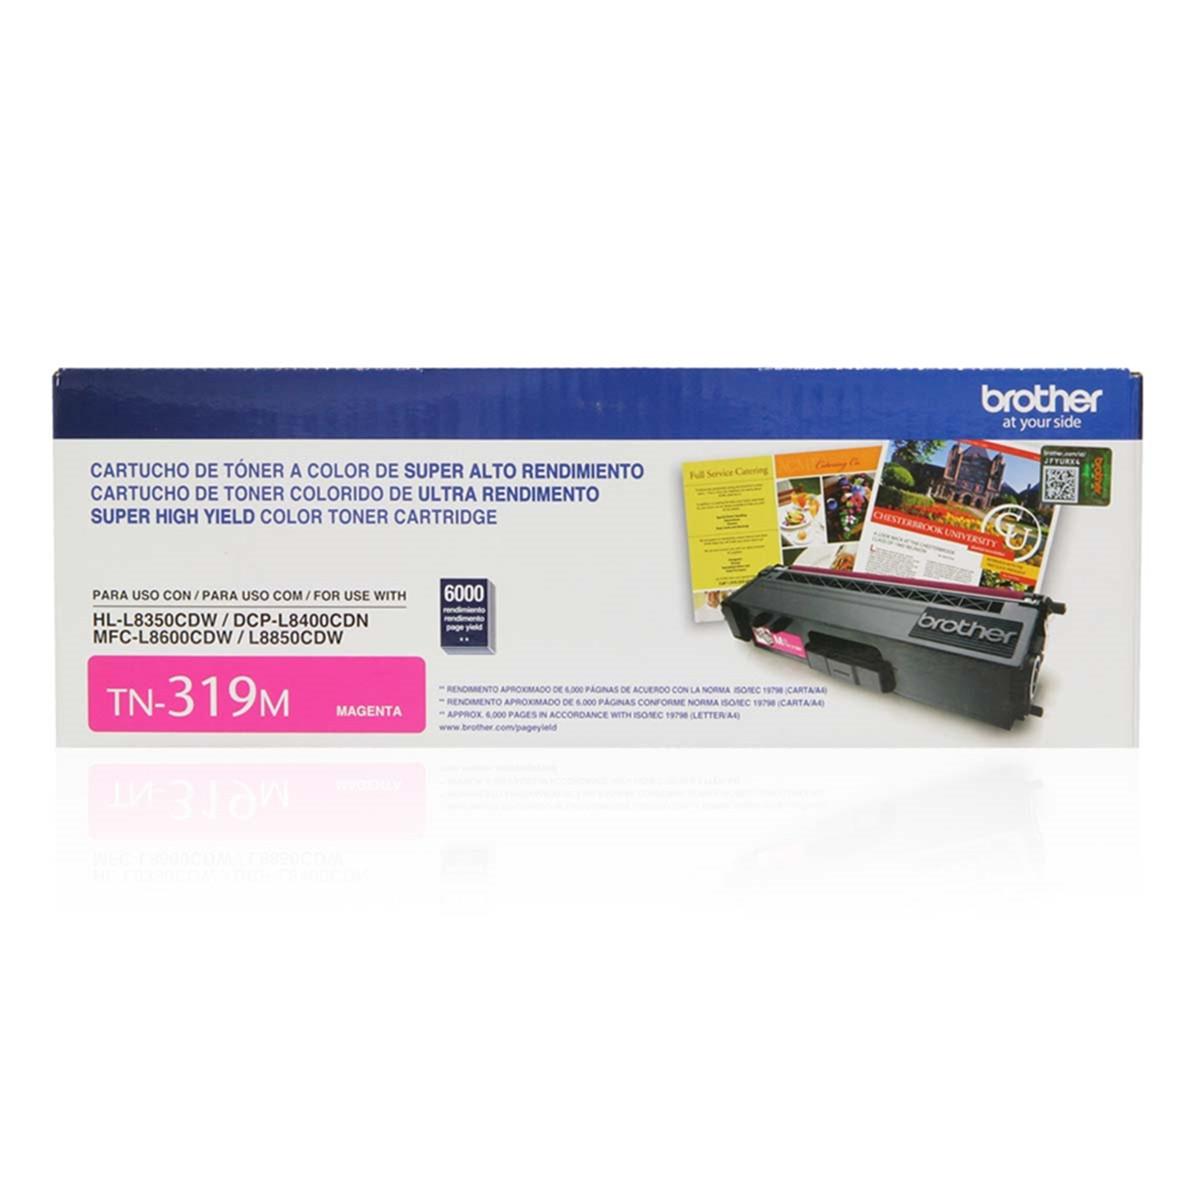 Toner Brother TN-319M TN319 Magenta | MFC-L8600CDW MFC-L8850CDW DCP-L8400CDN | Original